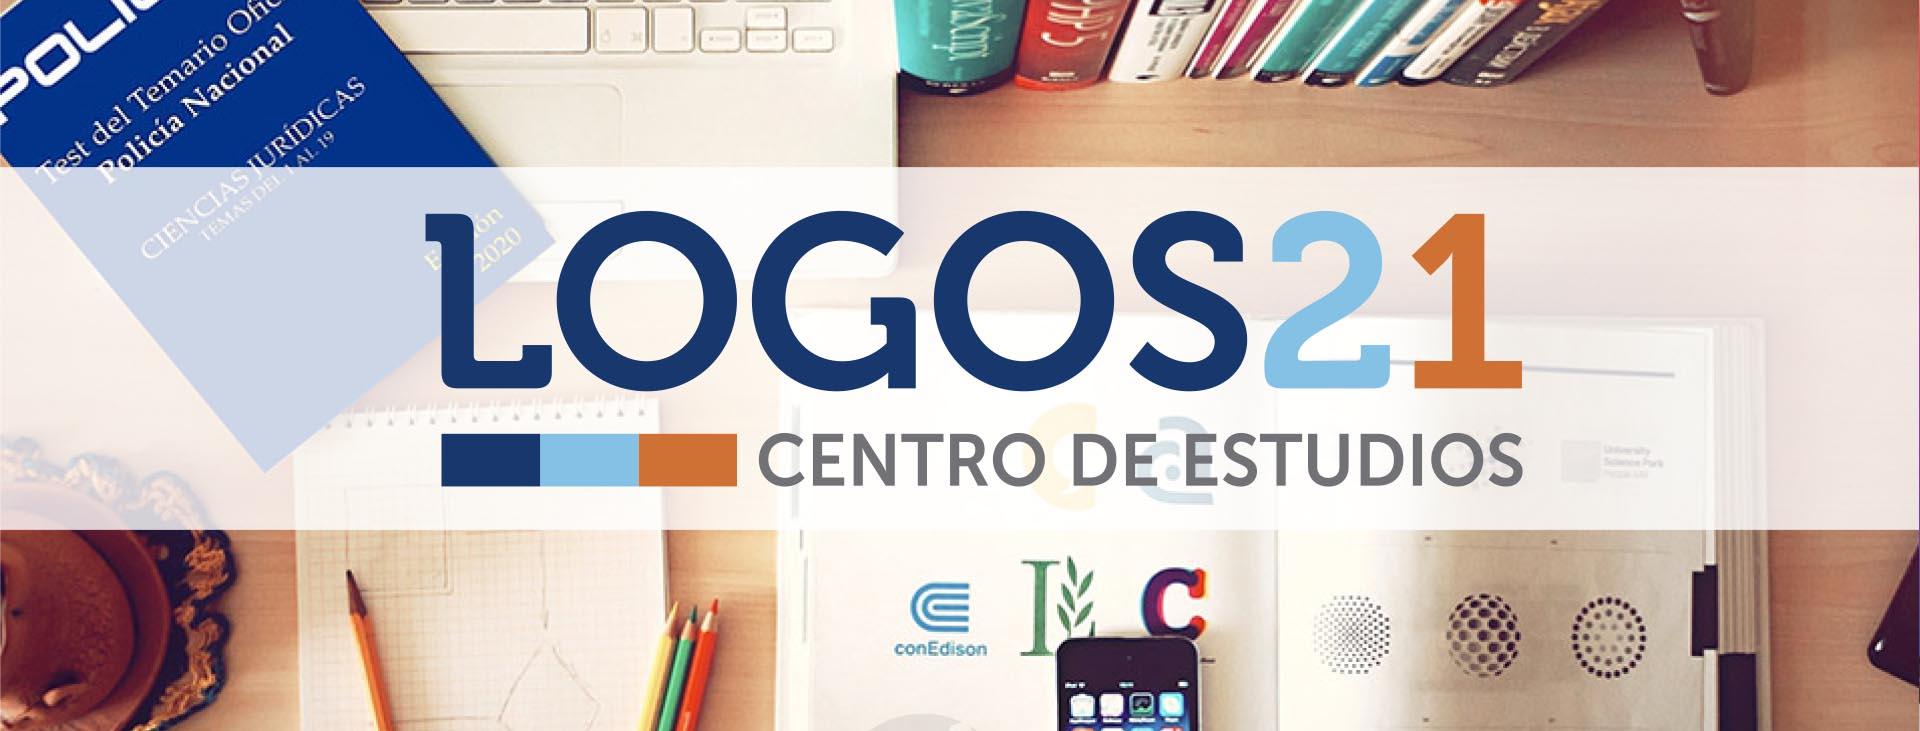 Logos21 Oposiciones